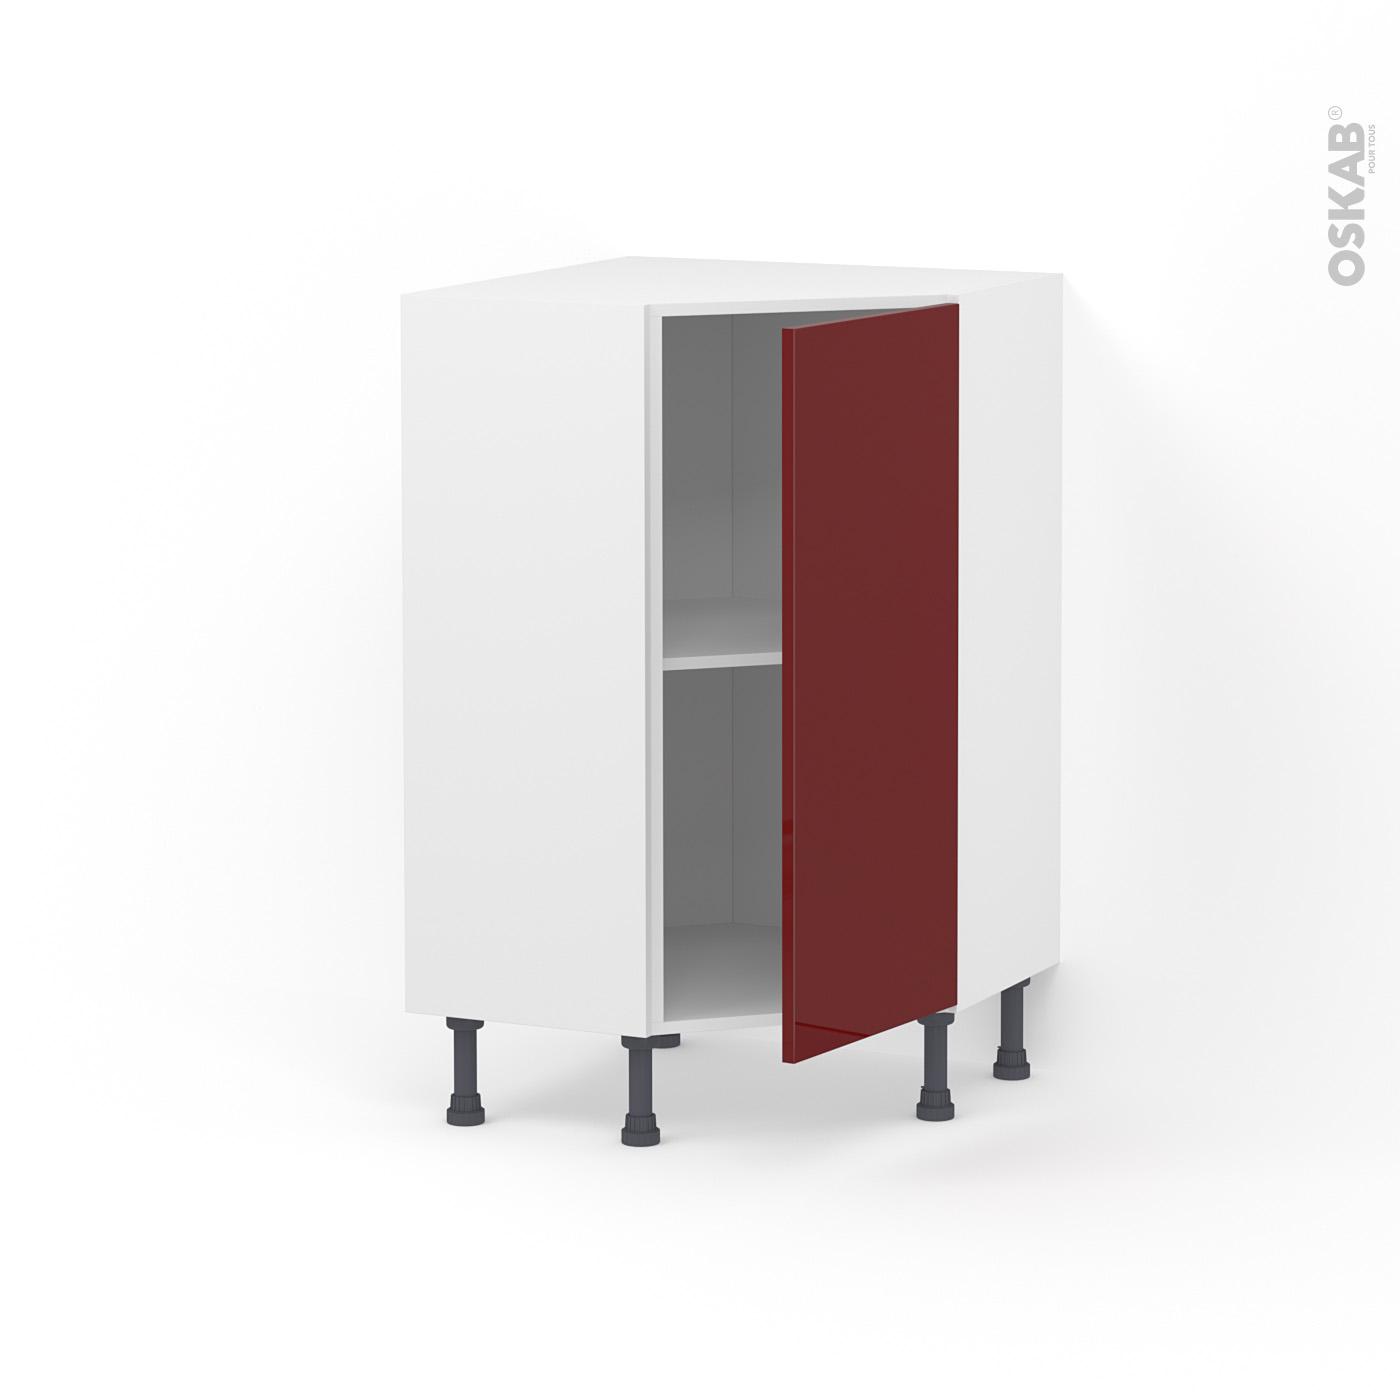 Meuble de cuisine Angle bas IVIA Rouge, 10 porte N°10 L10 cm, L10 x H10 x  P10cm